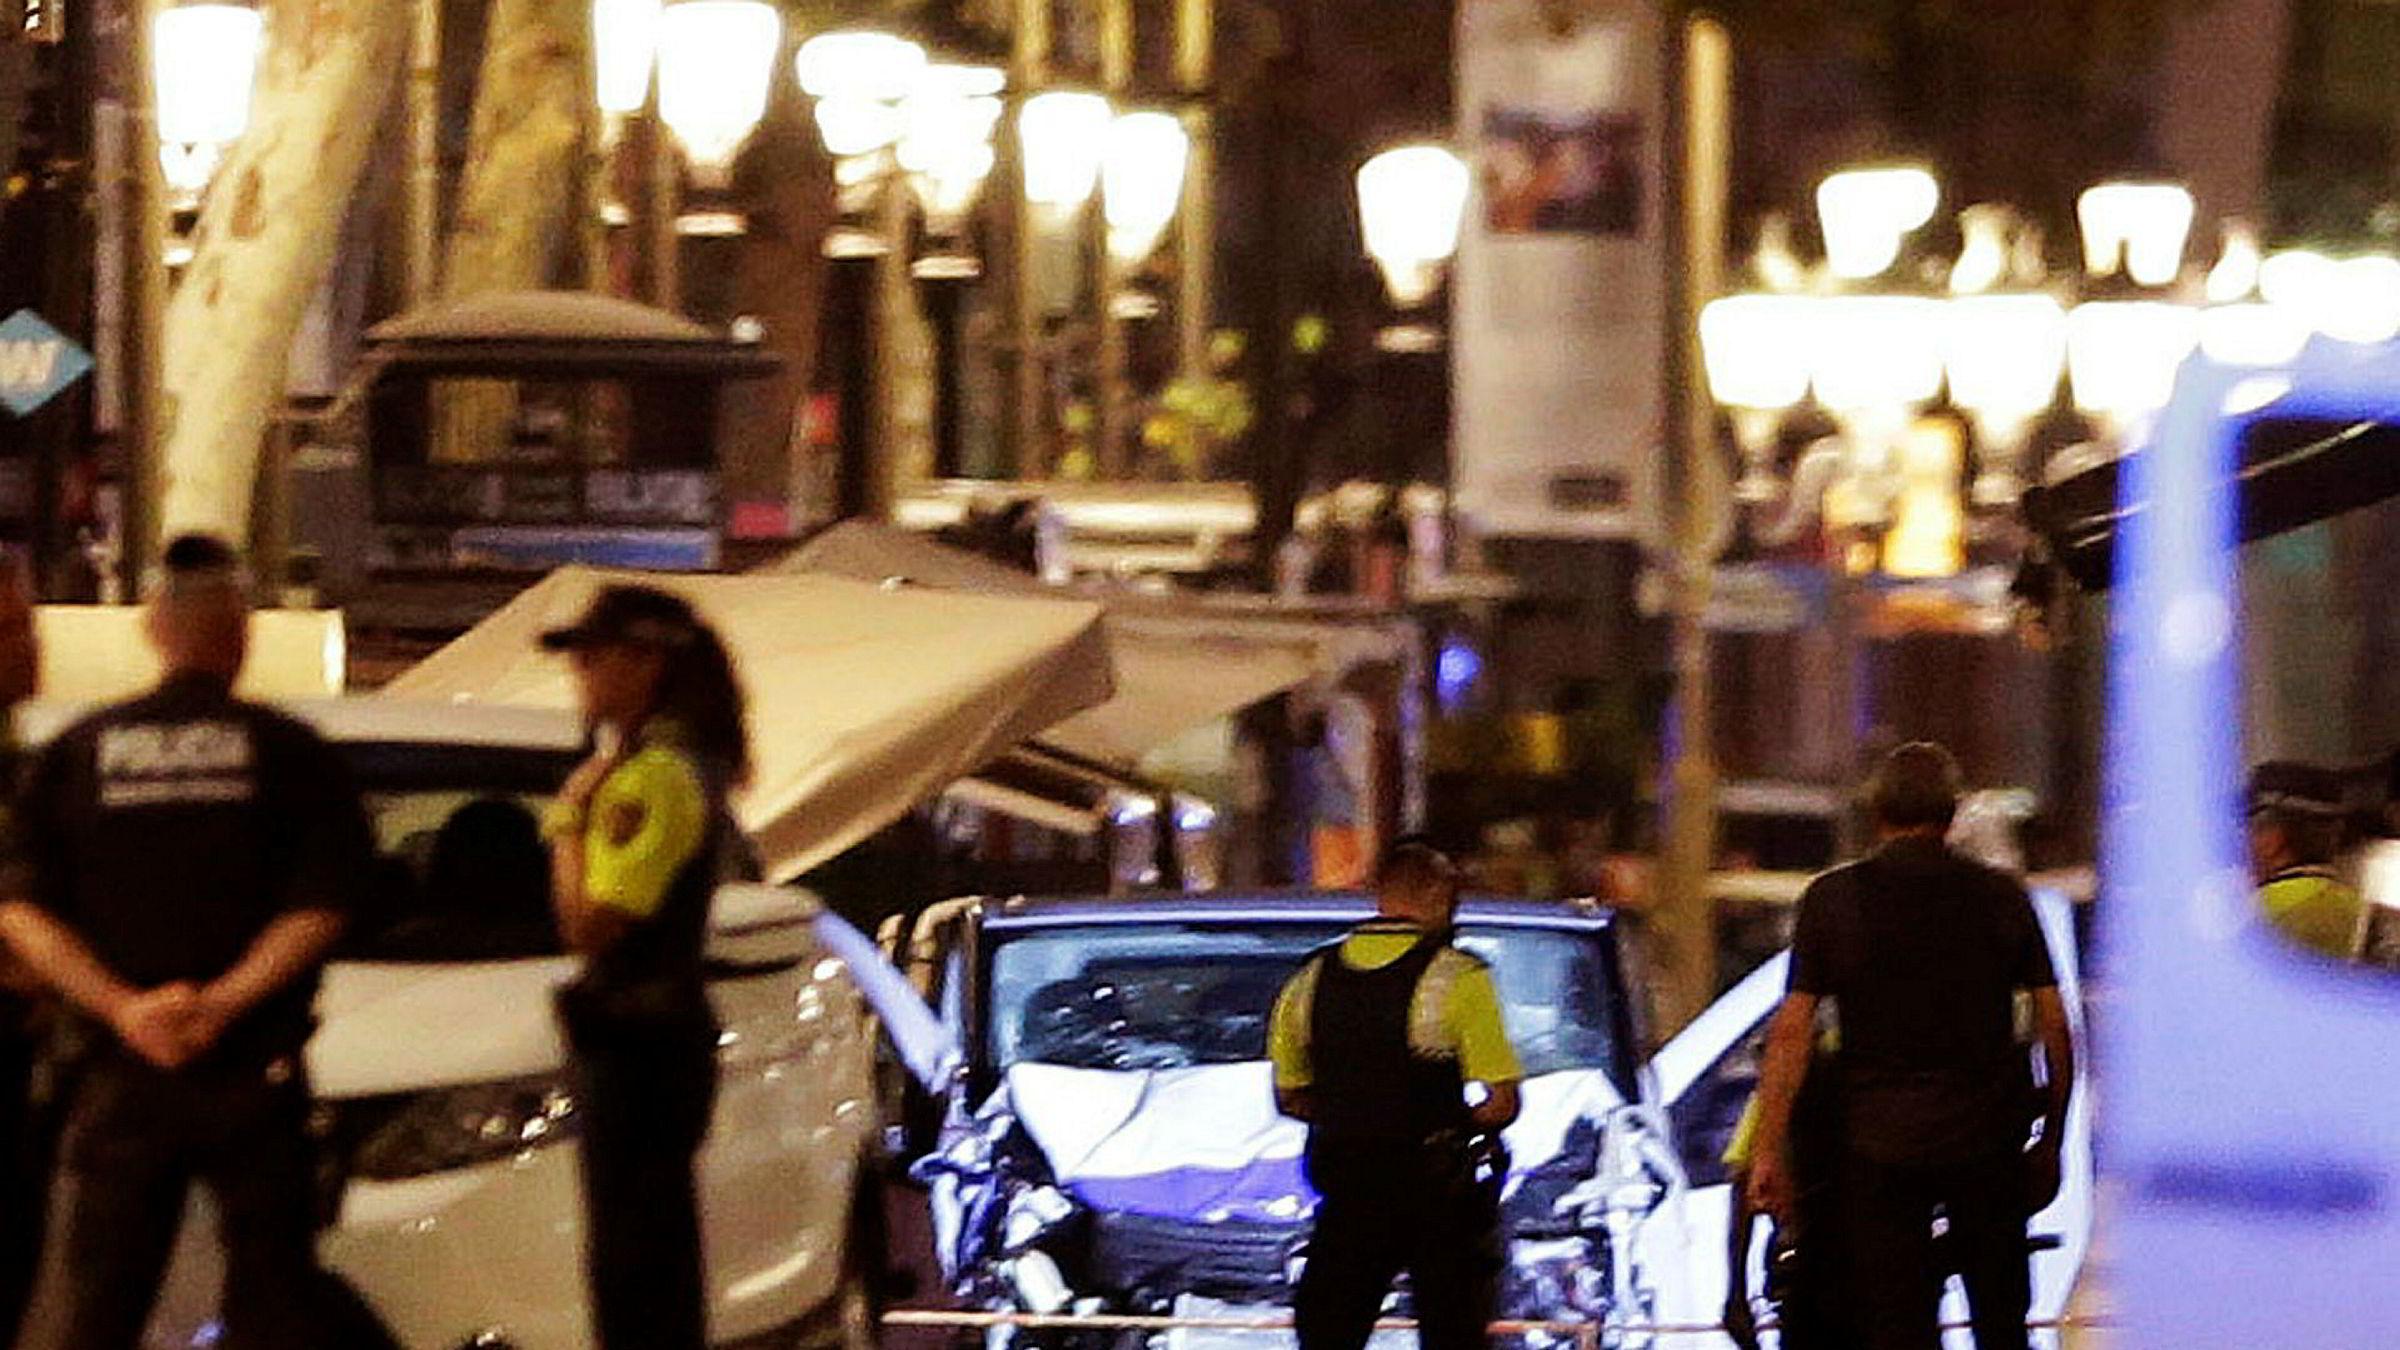 Dette er varebilen som skal ha drept 13 personer og såret rundt 100 personer i Barcelona torsdag kveld.